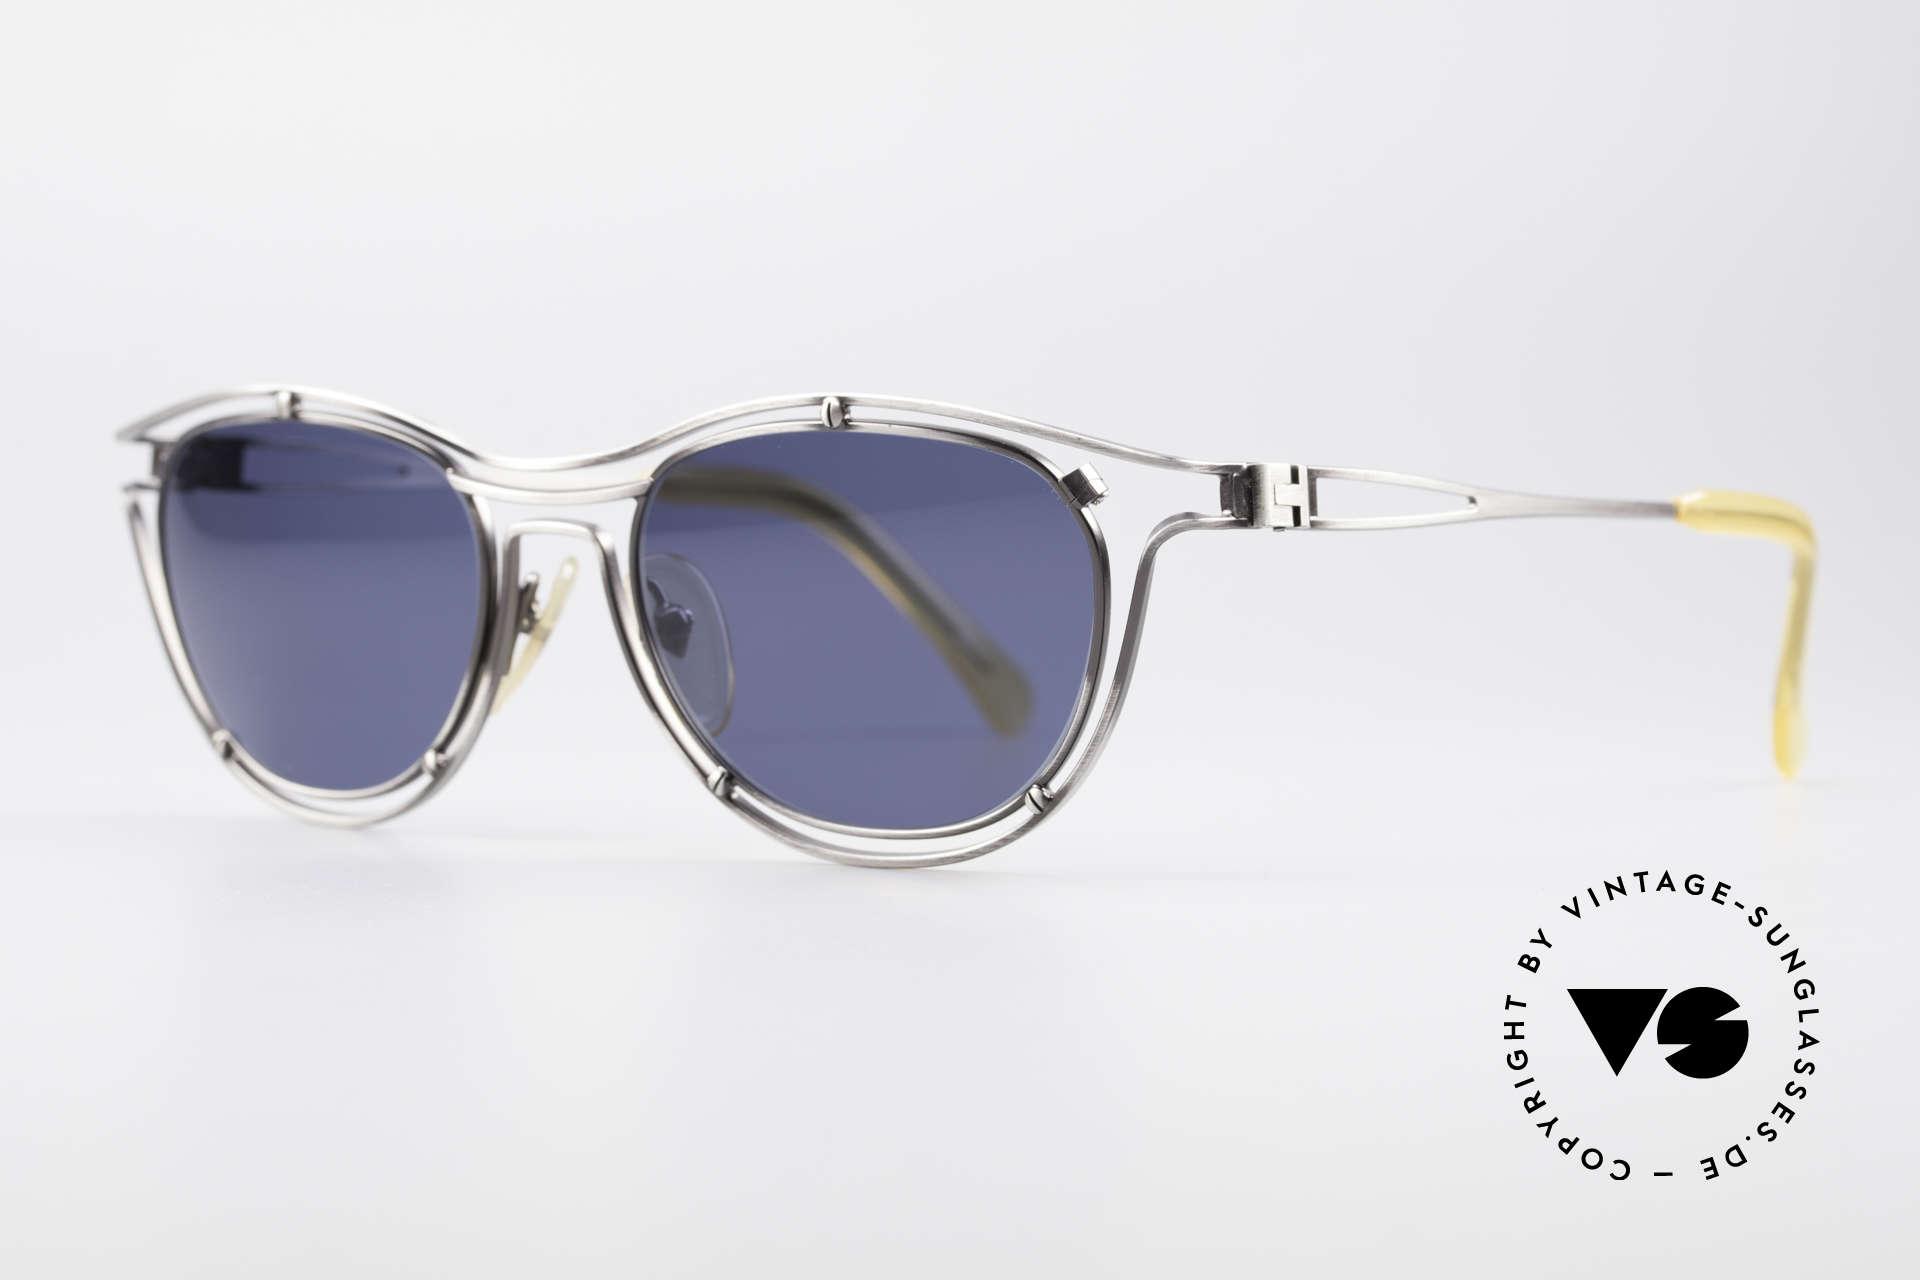 Jean Paul Gaultier 56-2176 Echte Designer Sonnenbrille, gebürstetes Titan mit dunkelblauen Sonnengläsern, Passend für Herren und Damen